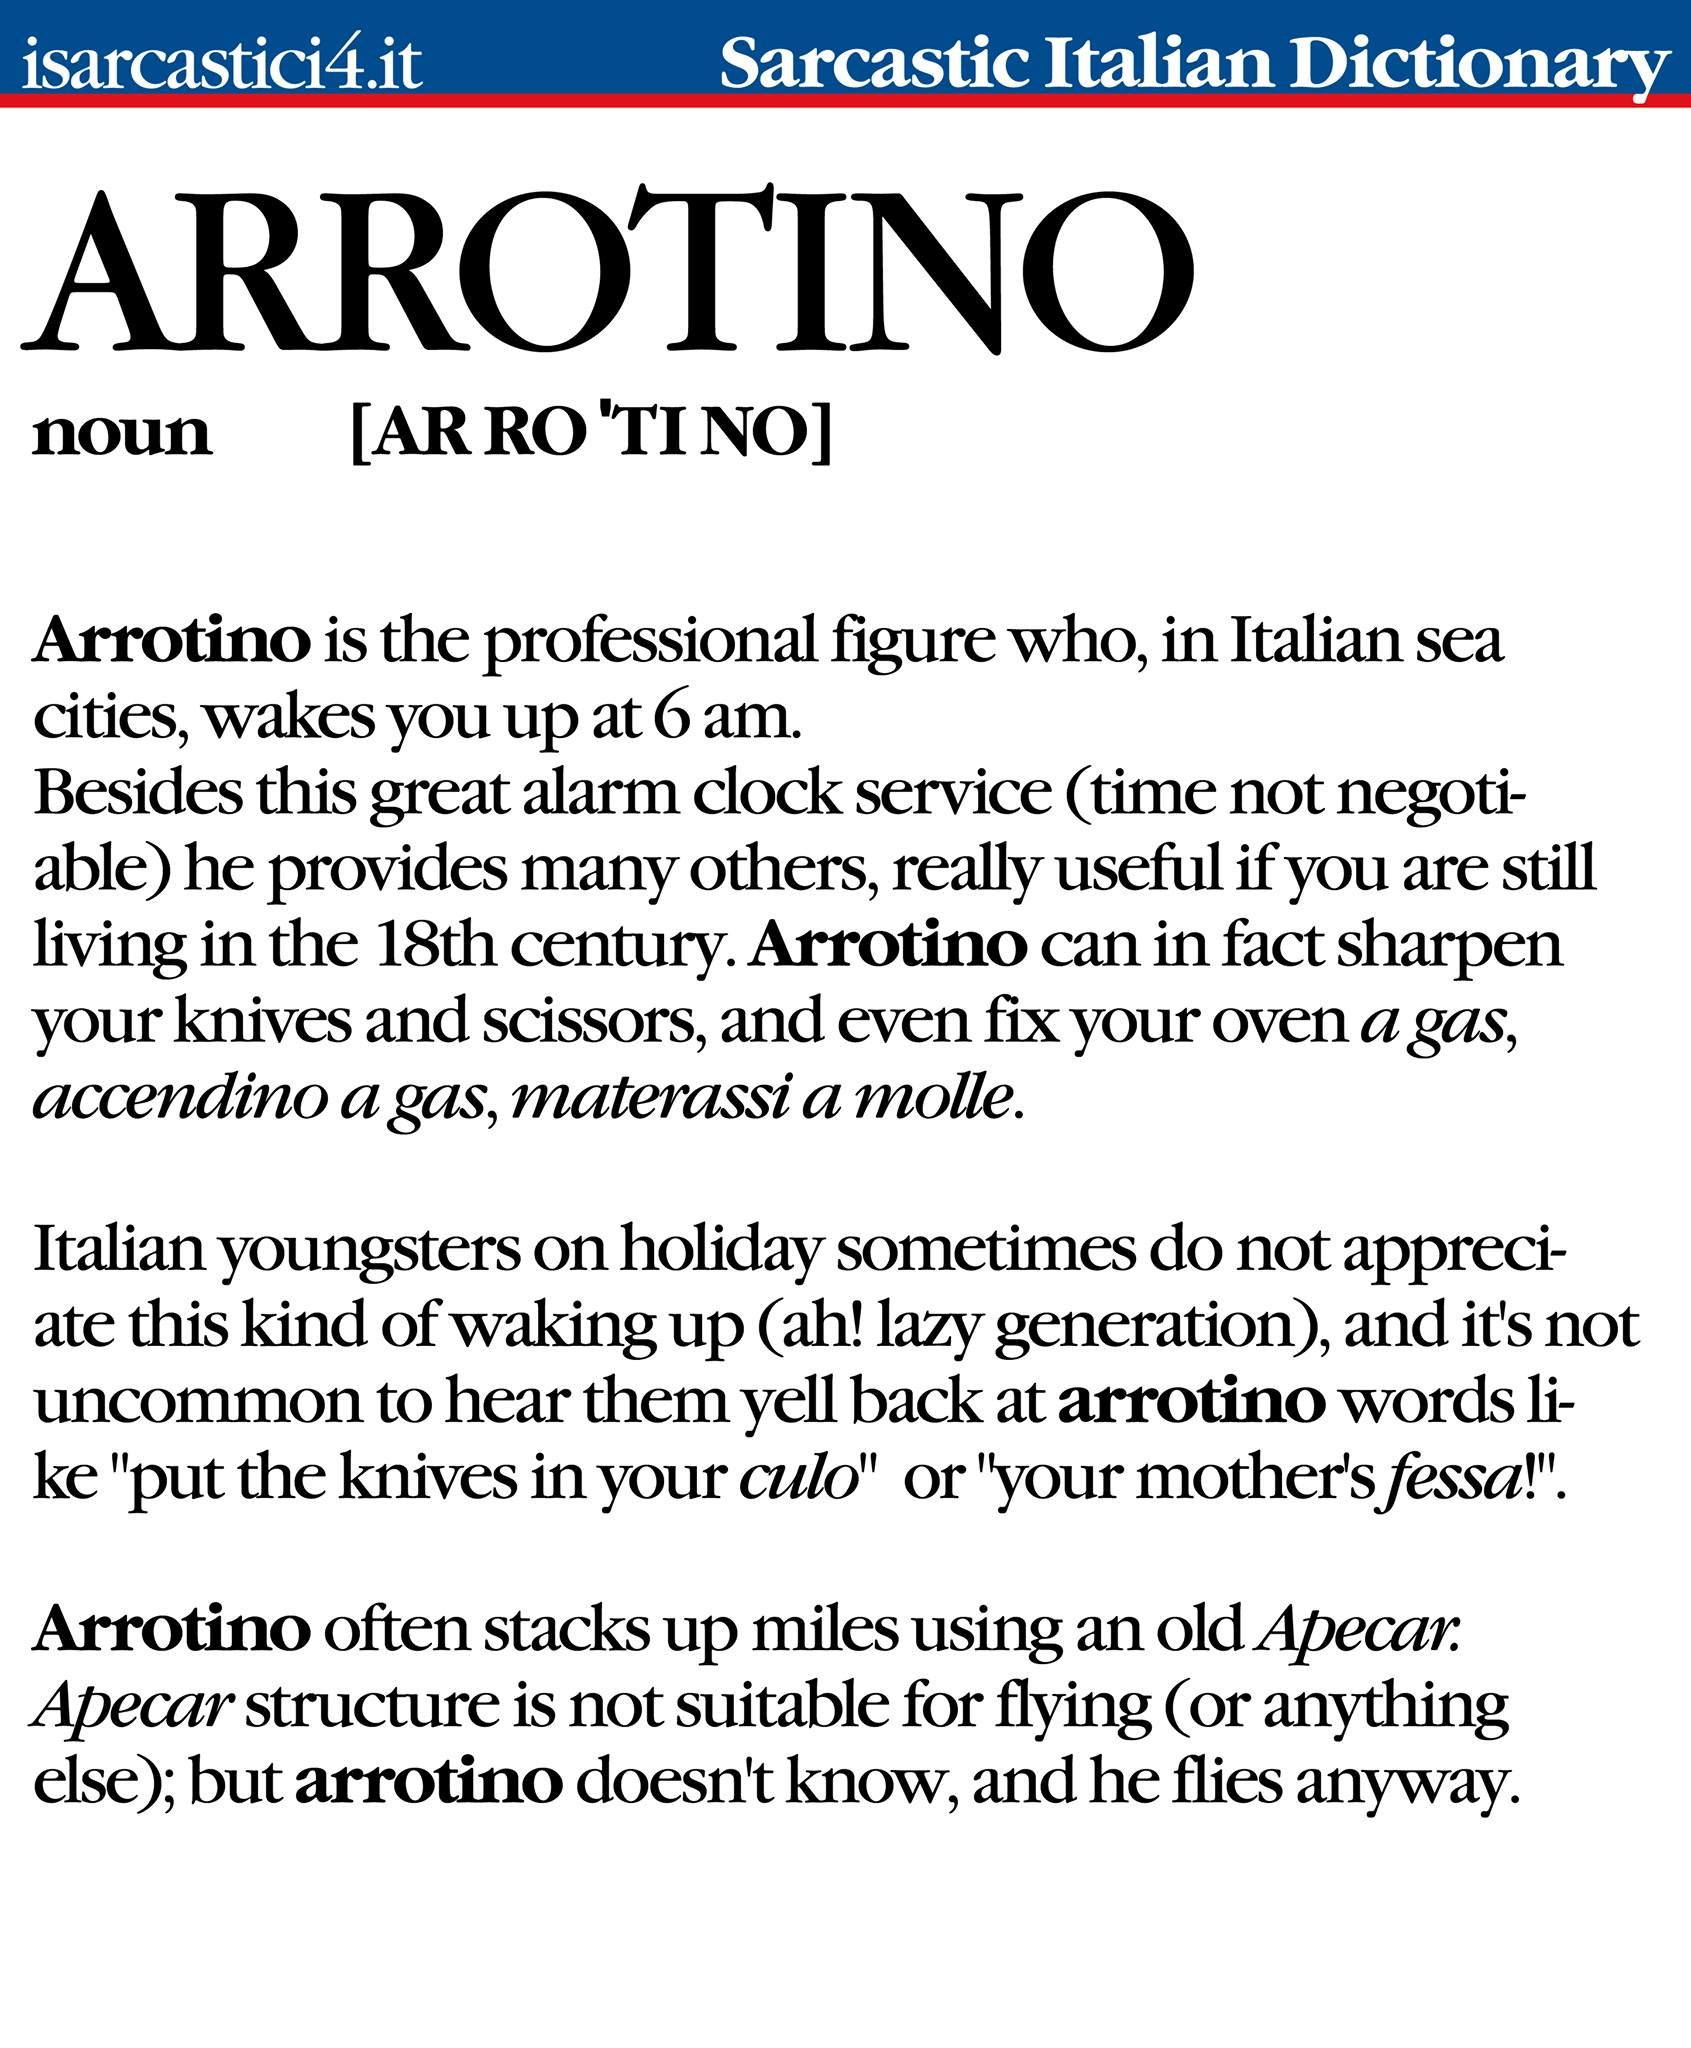 Dizionario Sarcastico Italiano - Italian Sarcastic dictionary - Arrotino